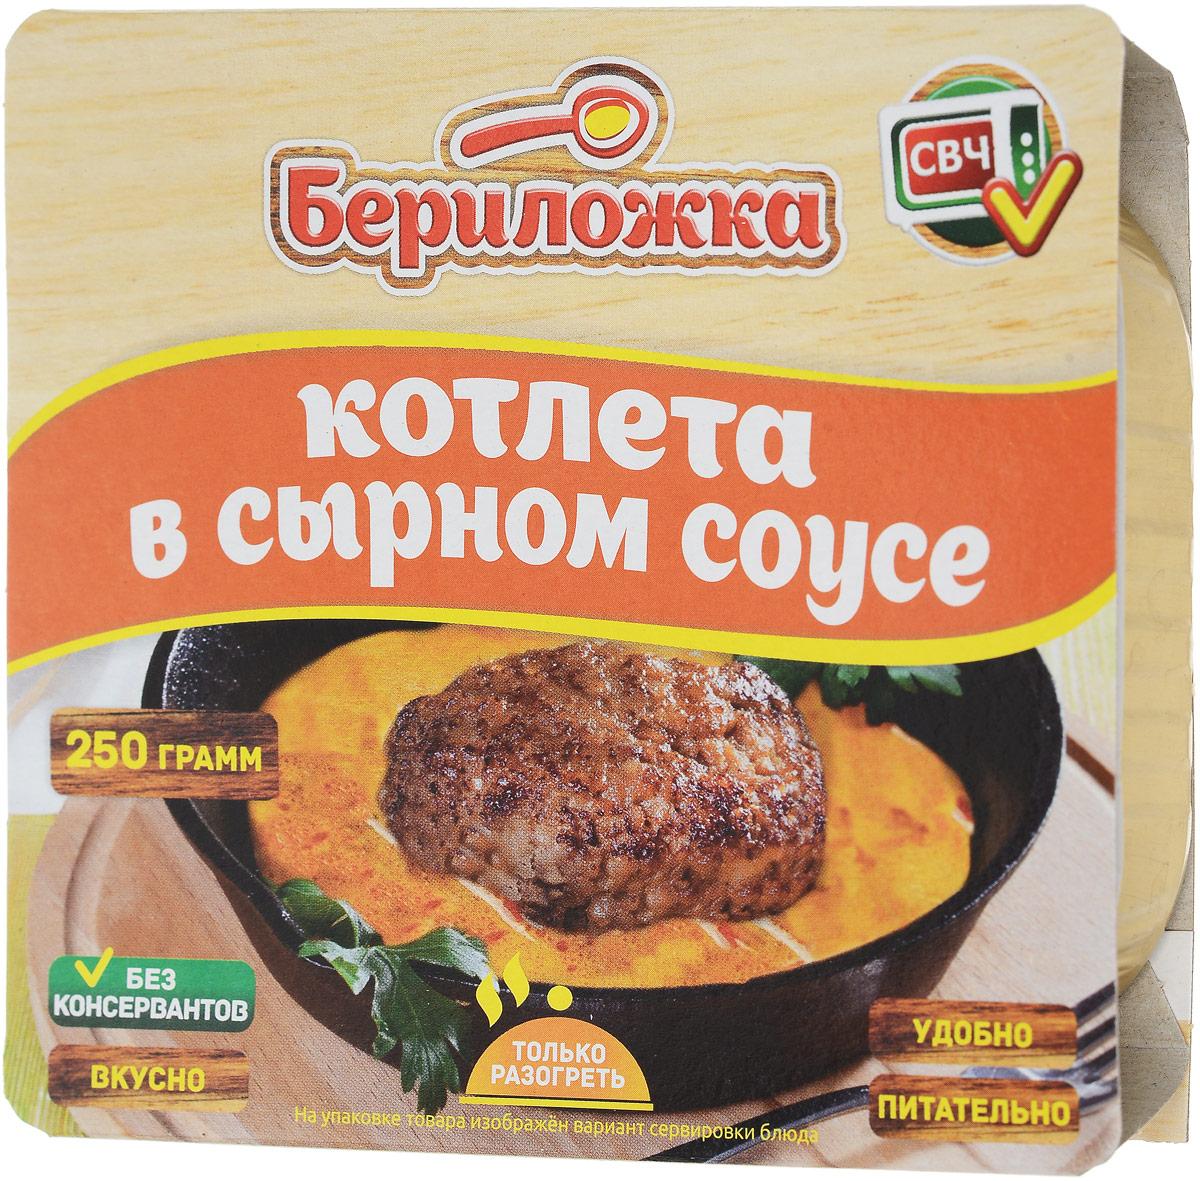 Бериложка котлета в сырном соусе, 250 г6120Котлета в сырном соусе Бериложка - натуральные мясорастительные консервы, стерилизованные. Перед употреблением рекомендуется разогреть. Продукт не содержит ГМО, консервантов. Уважаемые клиенты! Обращаем ваше внимание, что полный перечень состава продукта представлен на дополнительном изображении.